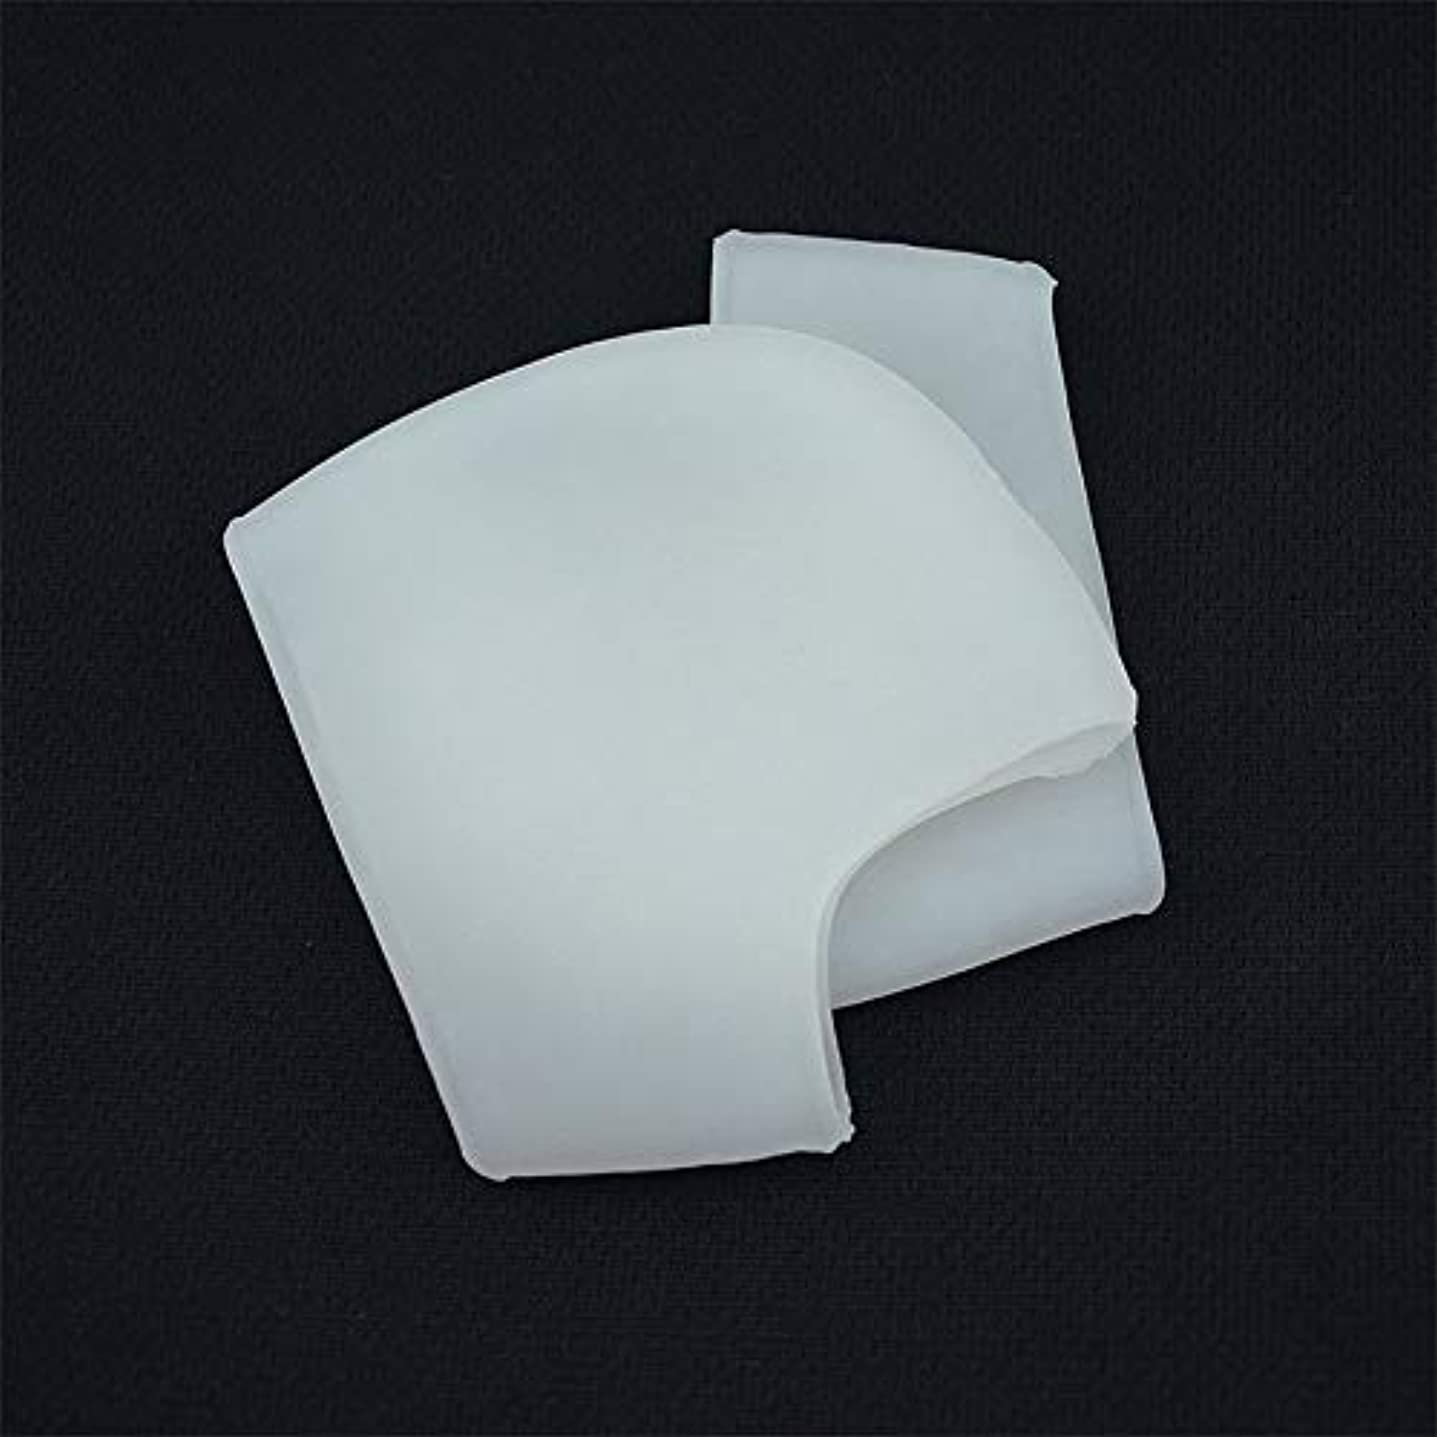 ふくろう建設協力するシリコンヒールアンチクラッキング保護靴下男性と女性一般的なヒールスリーブ補正シリーズ穴なしスタイル-ミルキーホワイト